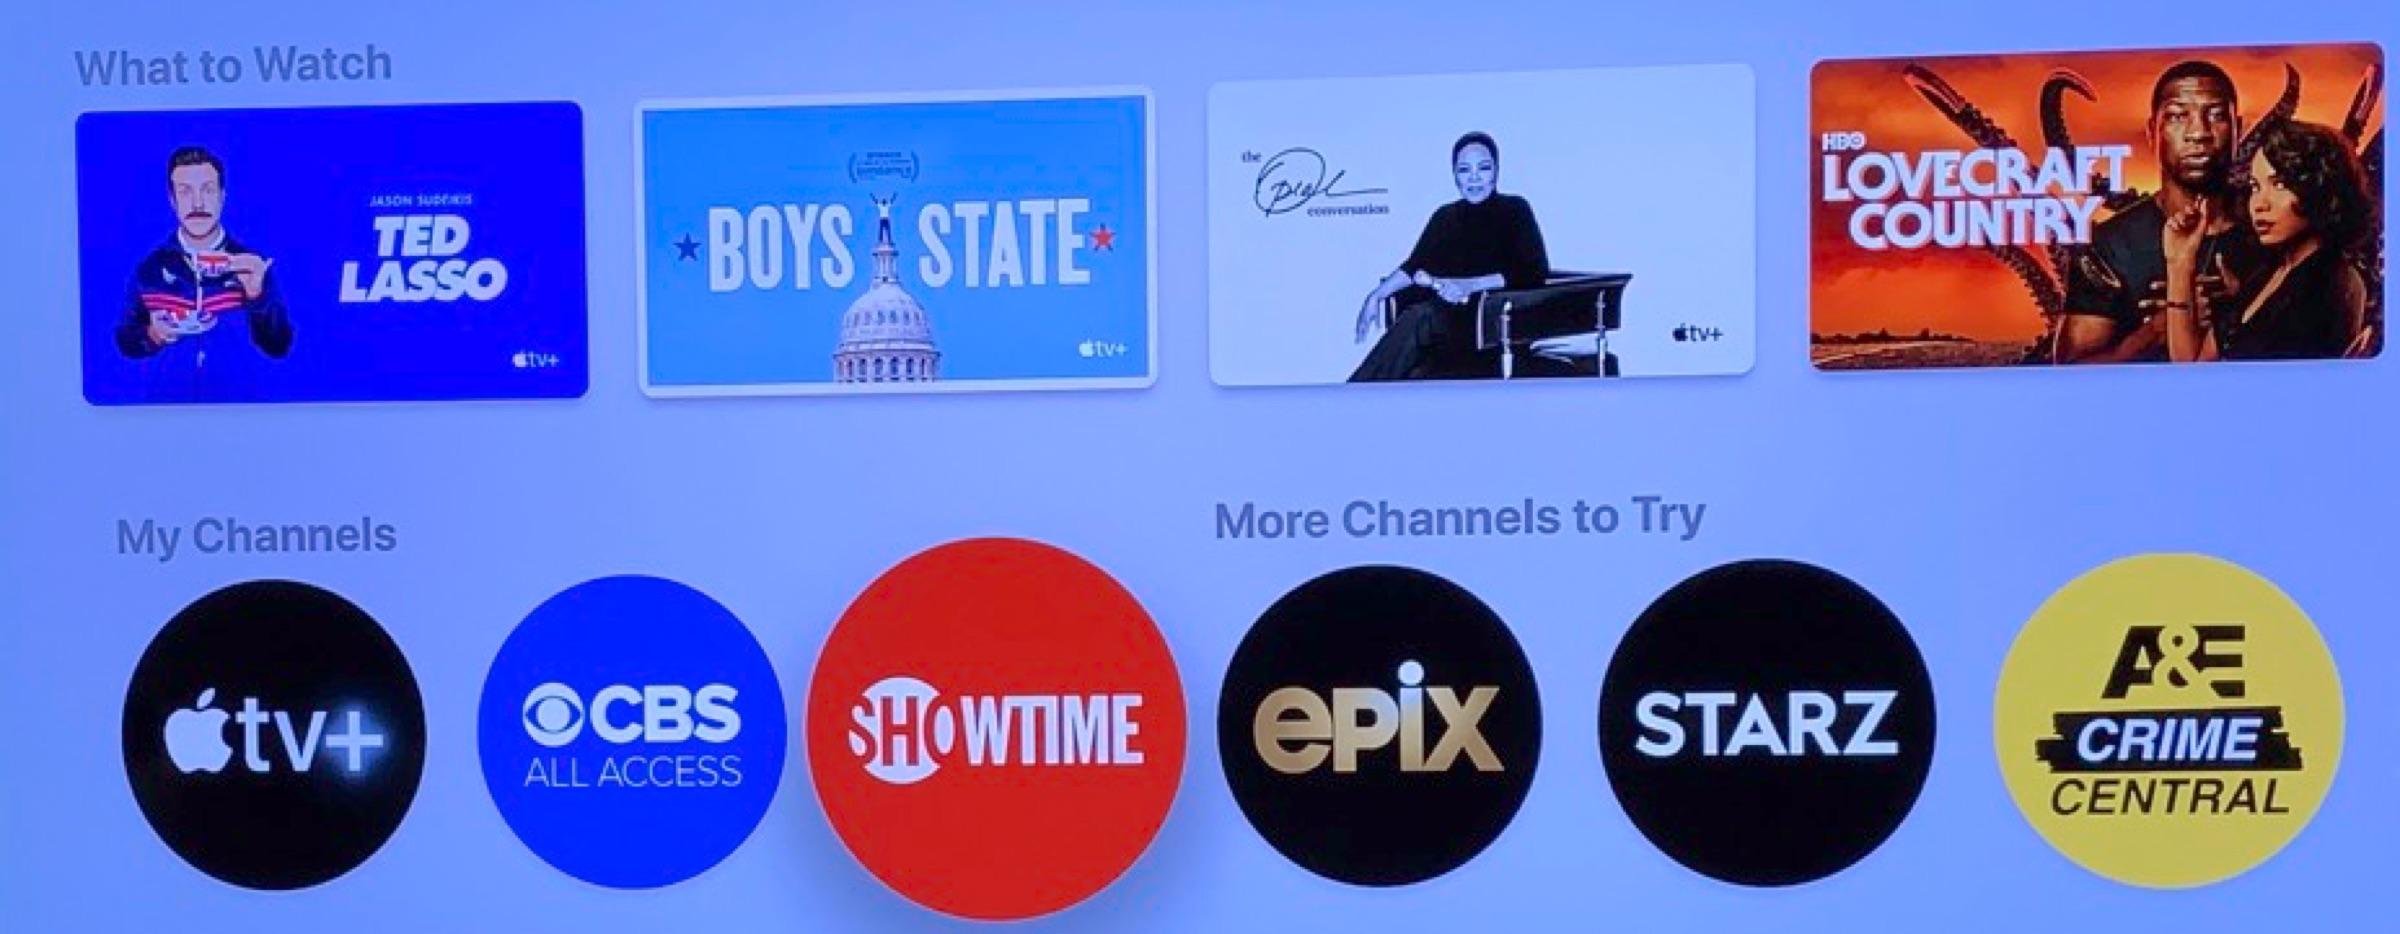 Apple TV+ Channels